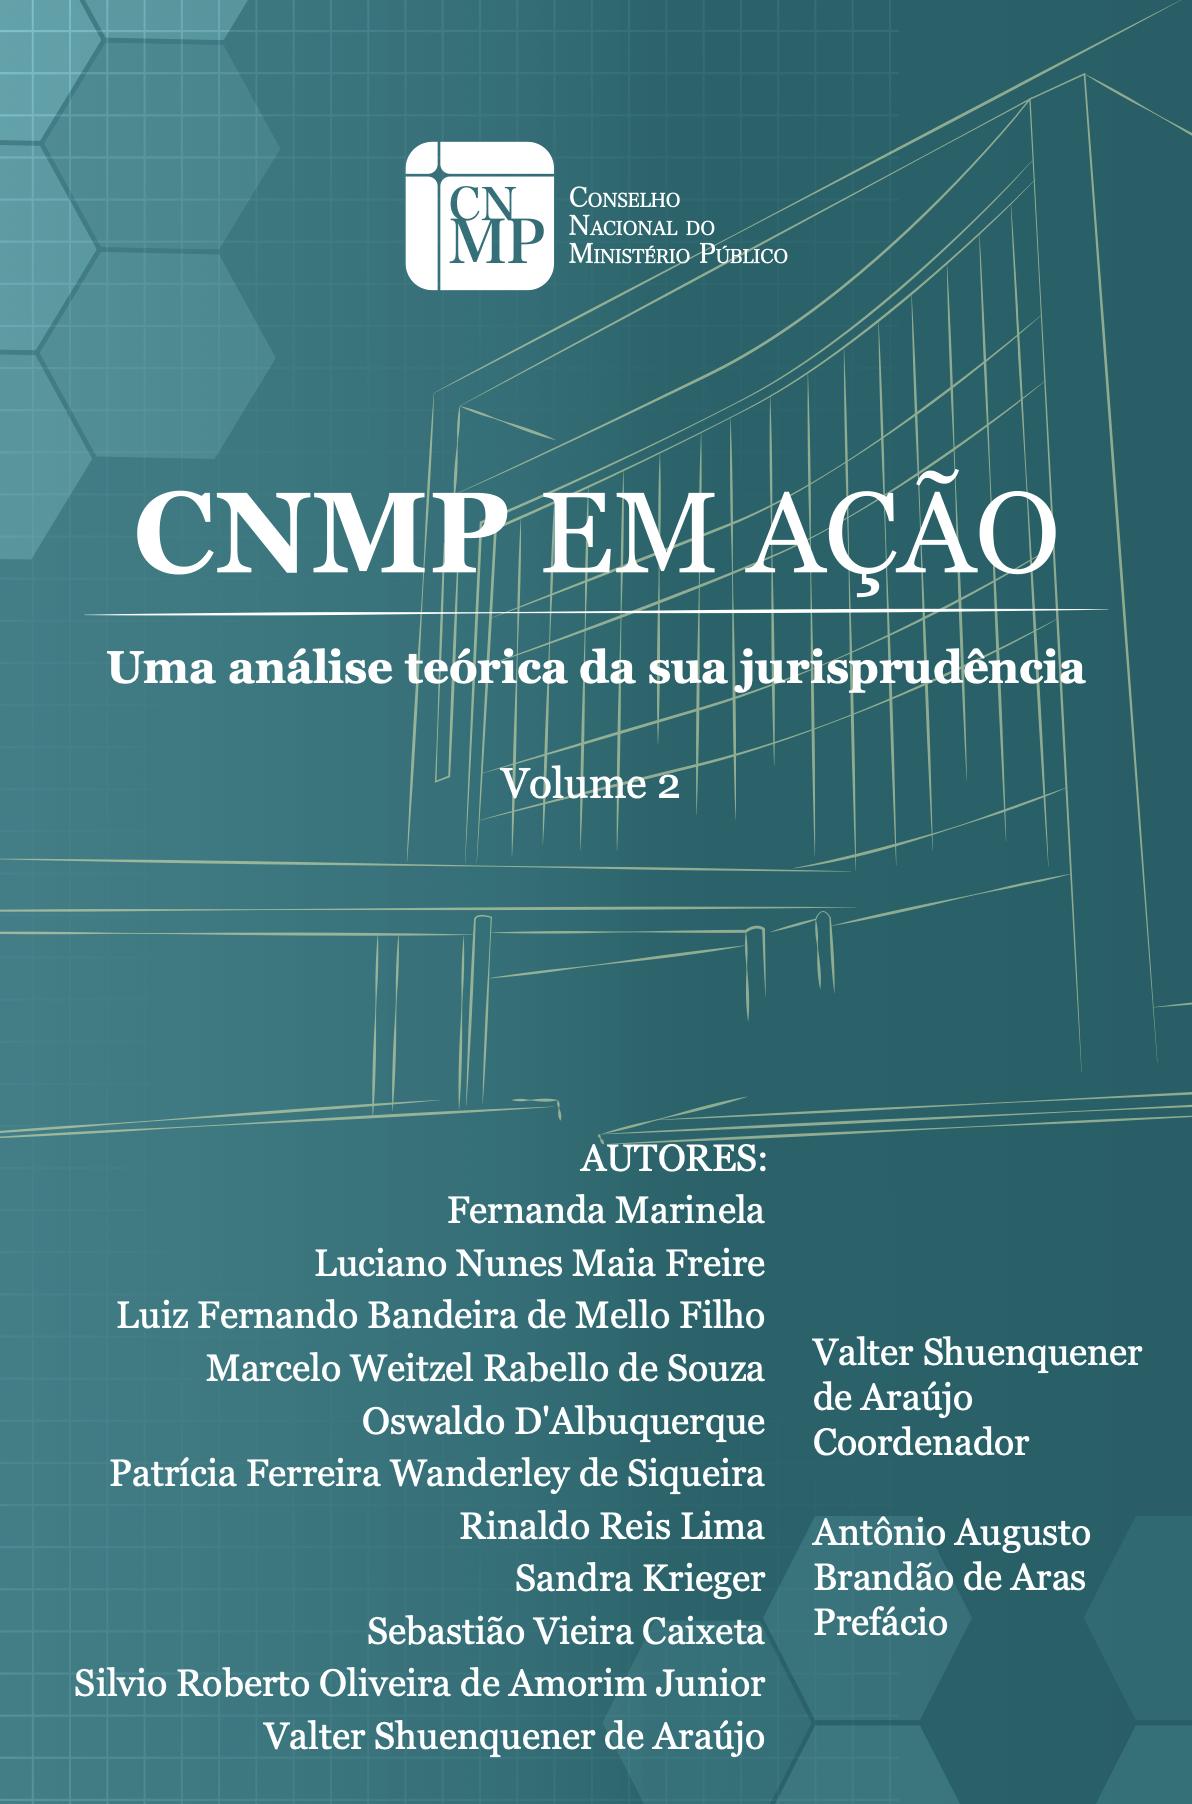 CNMP em Ação - Uma análise teórica da sua jurisprudência - Volume 2